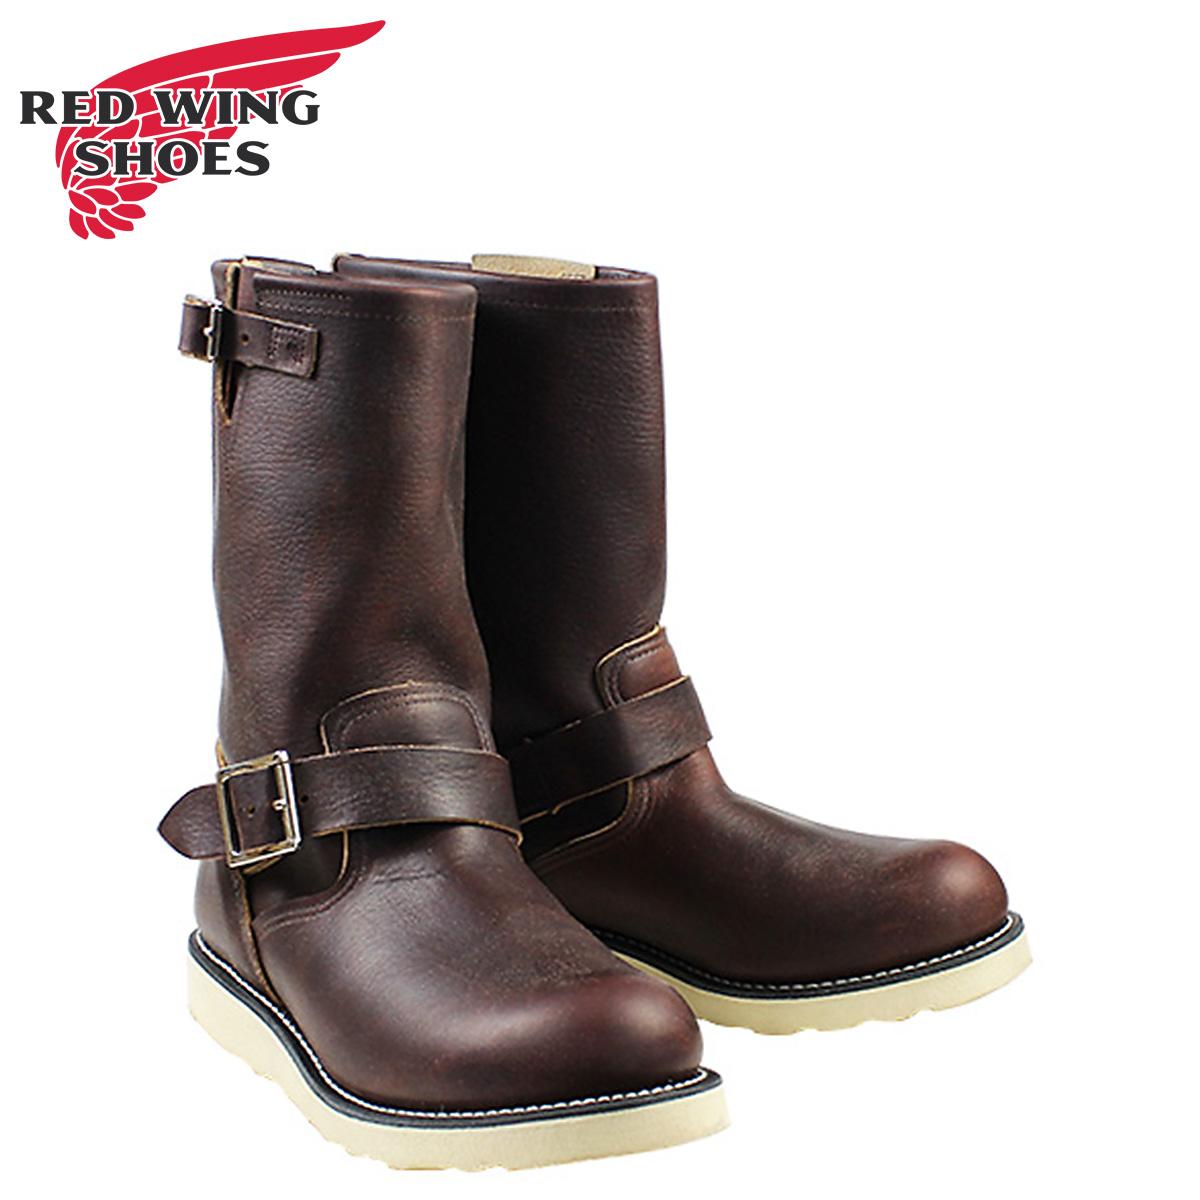 紅鞋紅翼工程師靴子工程師野薔薇浮油 D 明智皮革男式科維斯 2970年棕色 [定期] 02P30May15 x 2 點